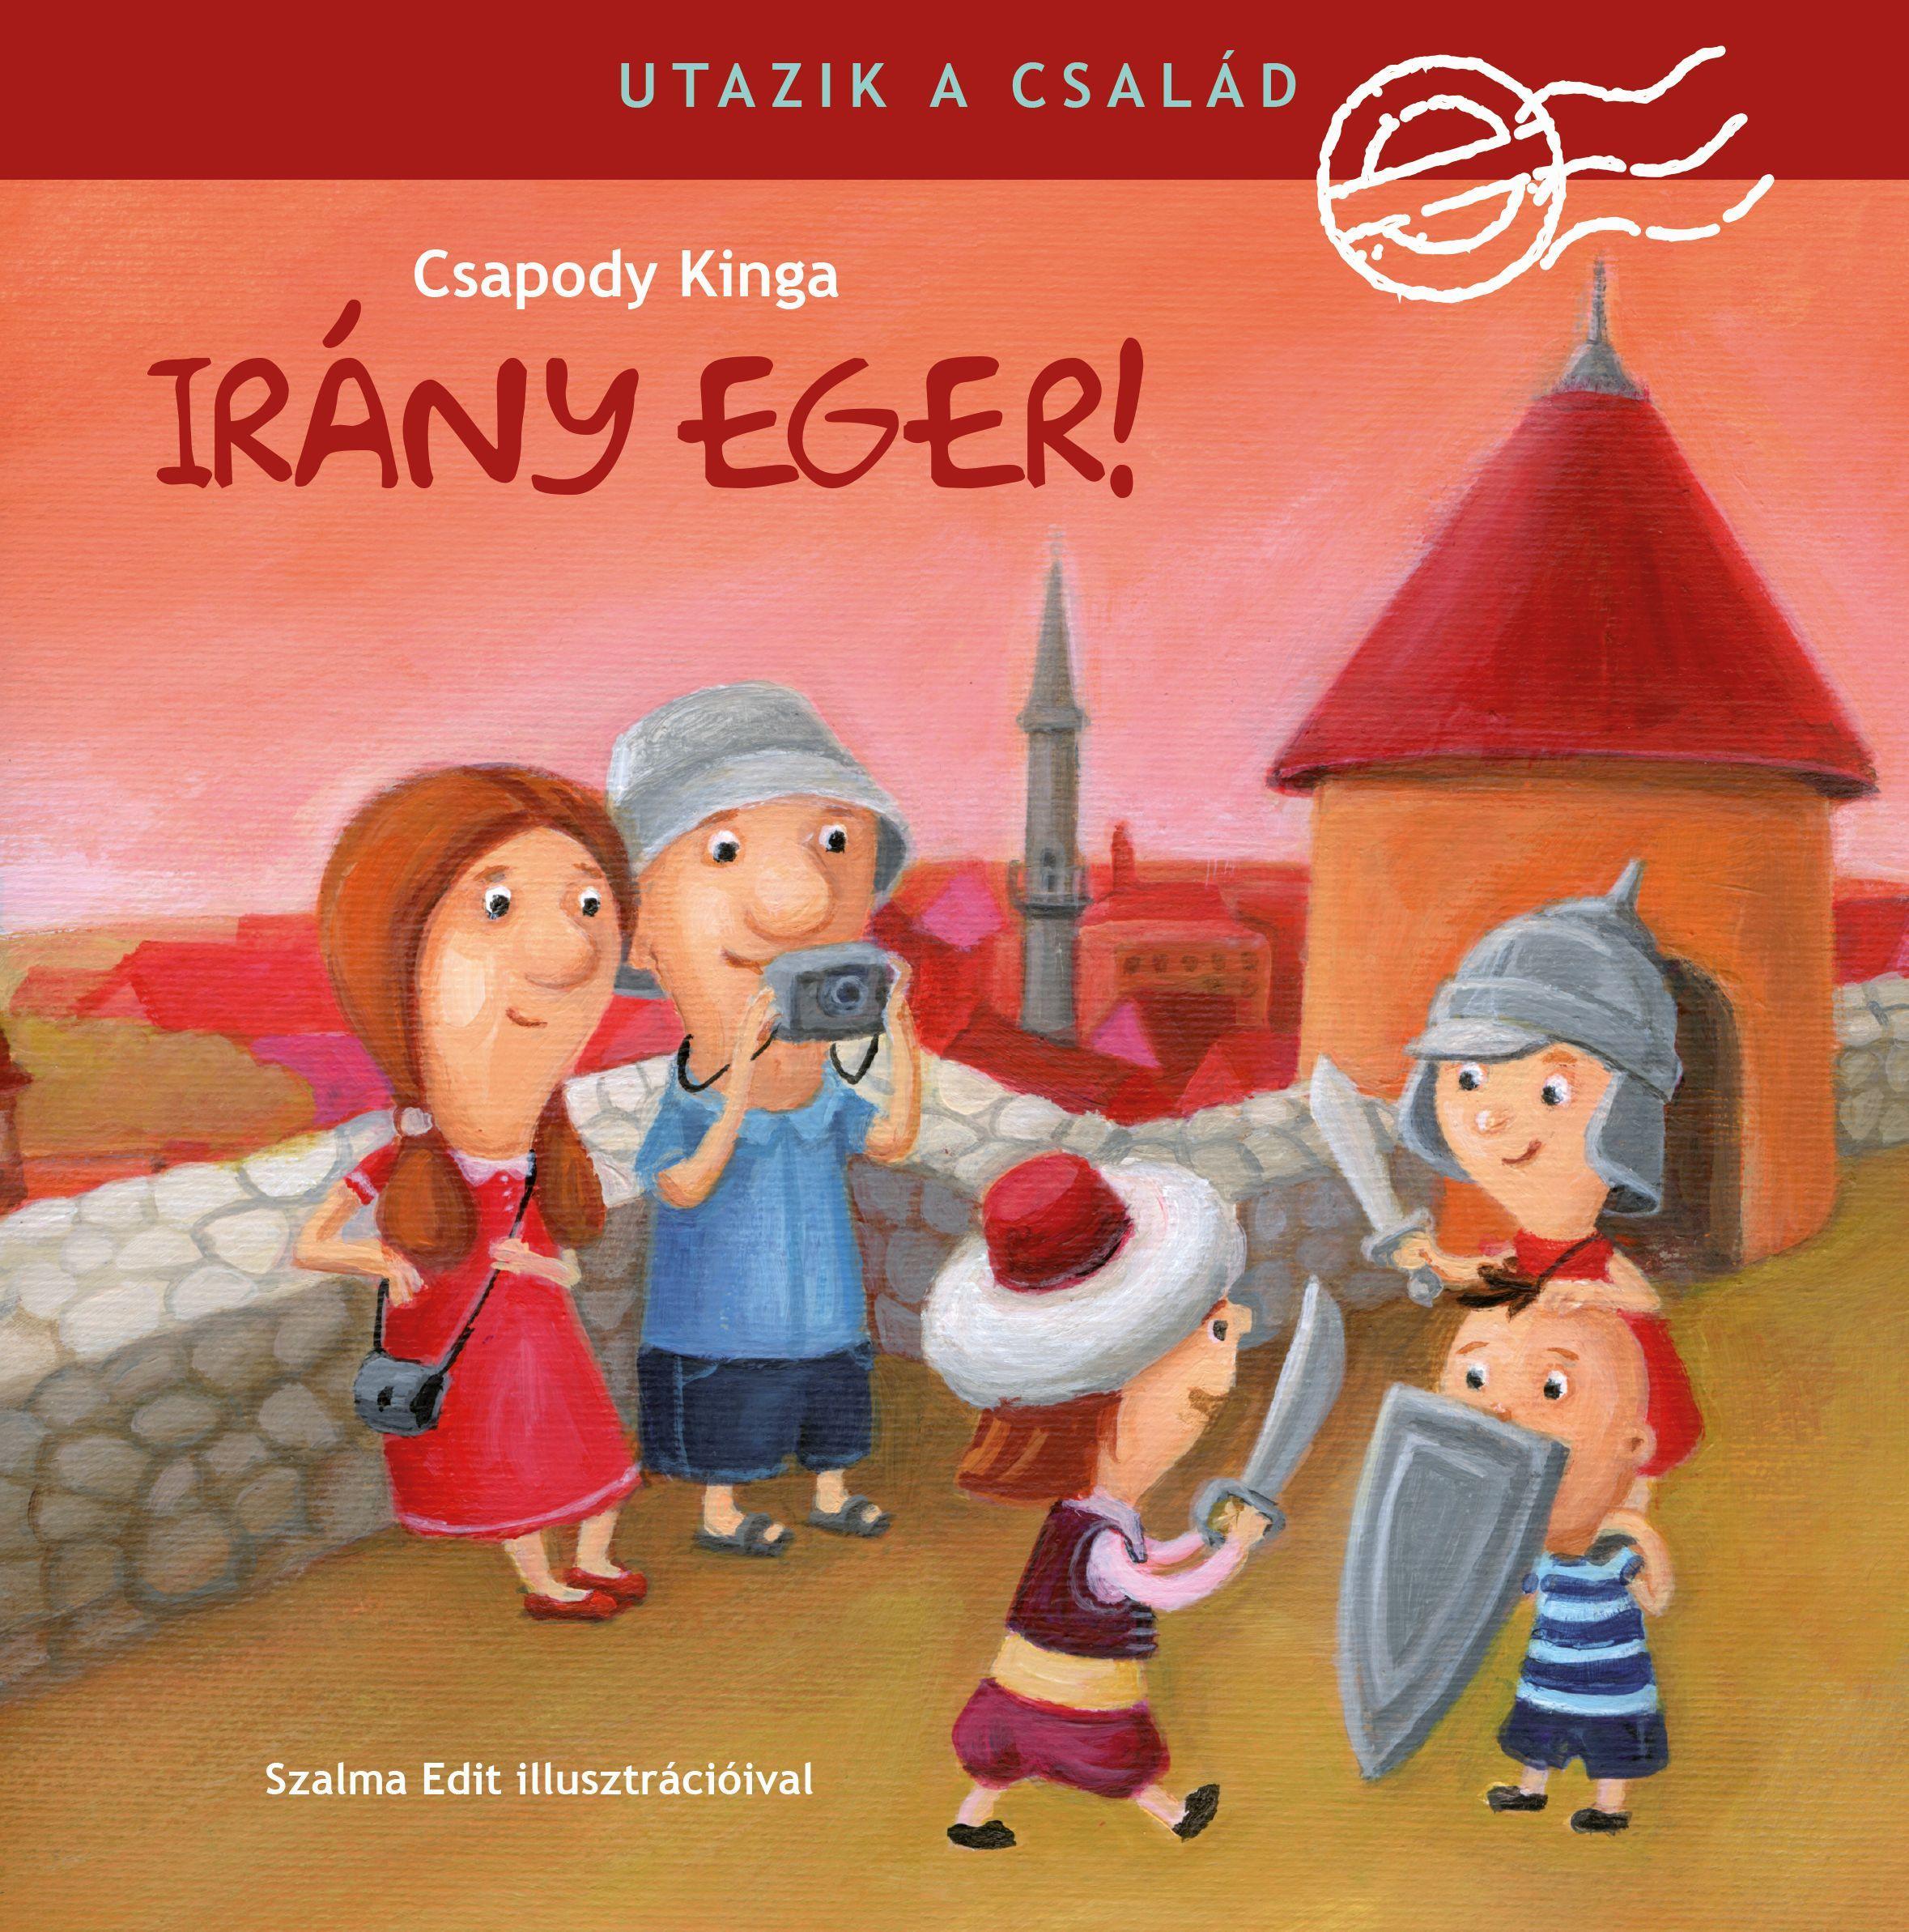 UTAZIK A CSALÁD - IRÁNY EGER!